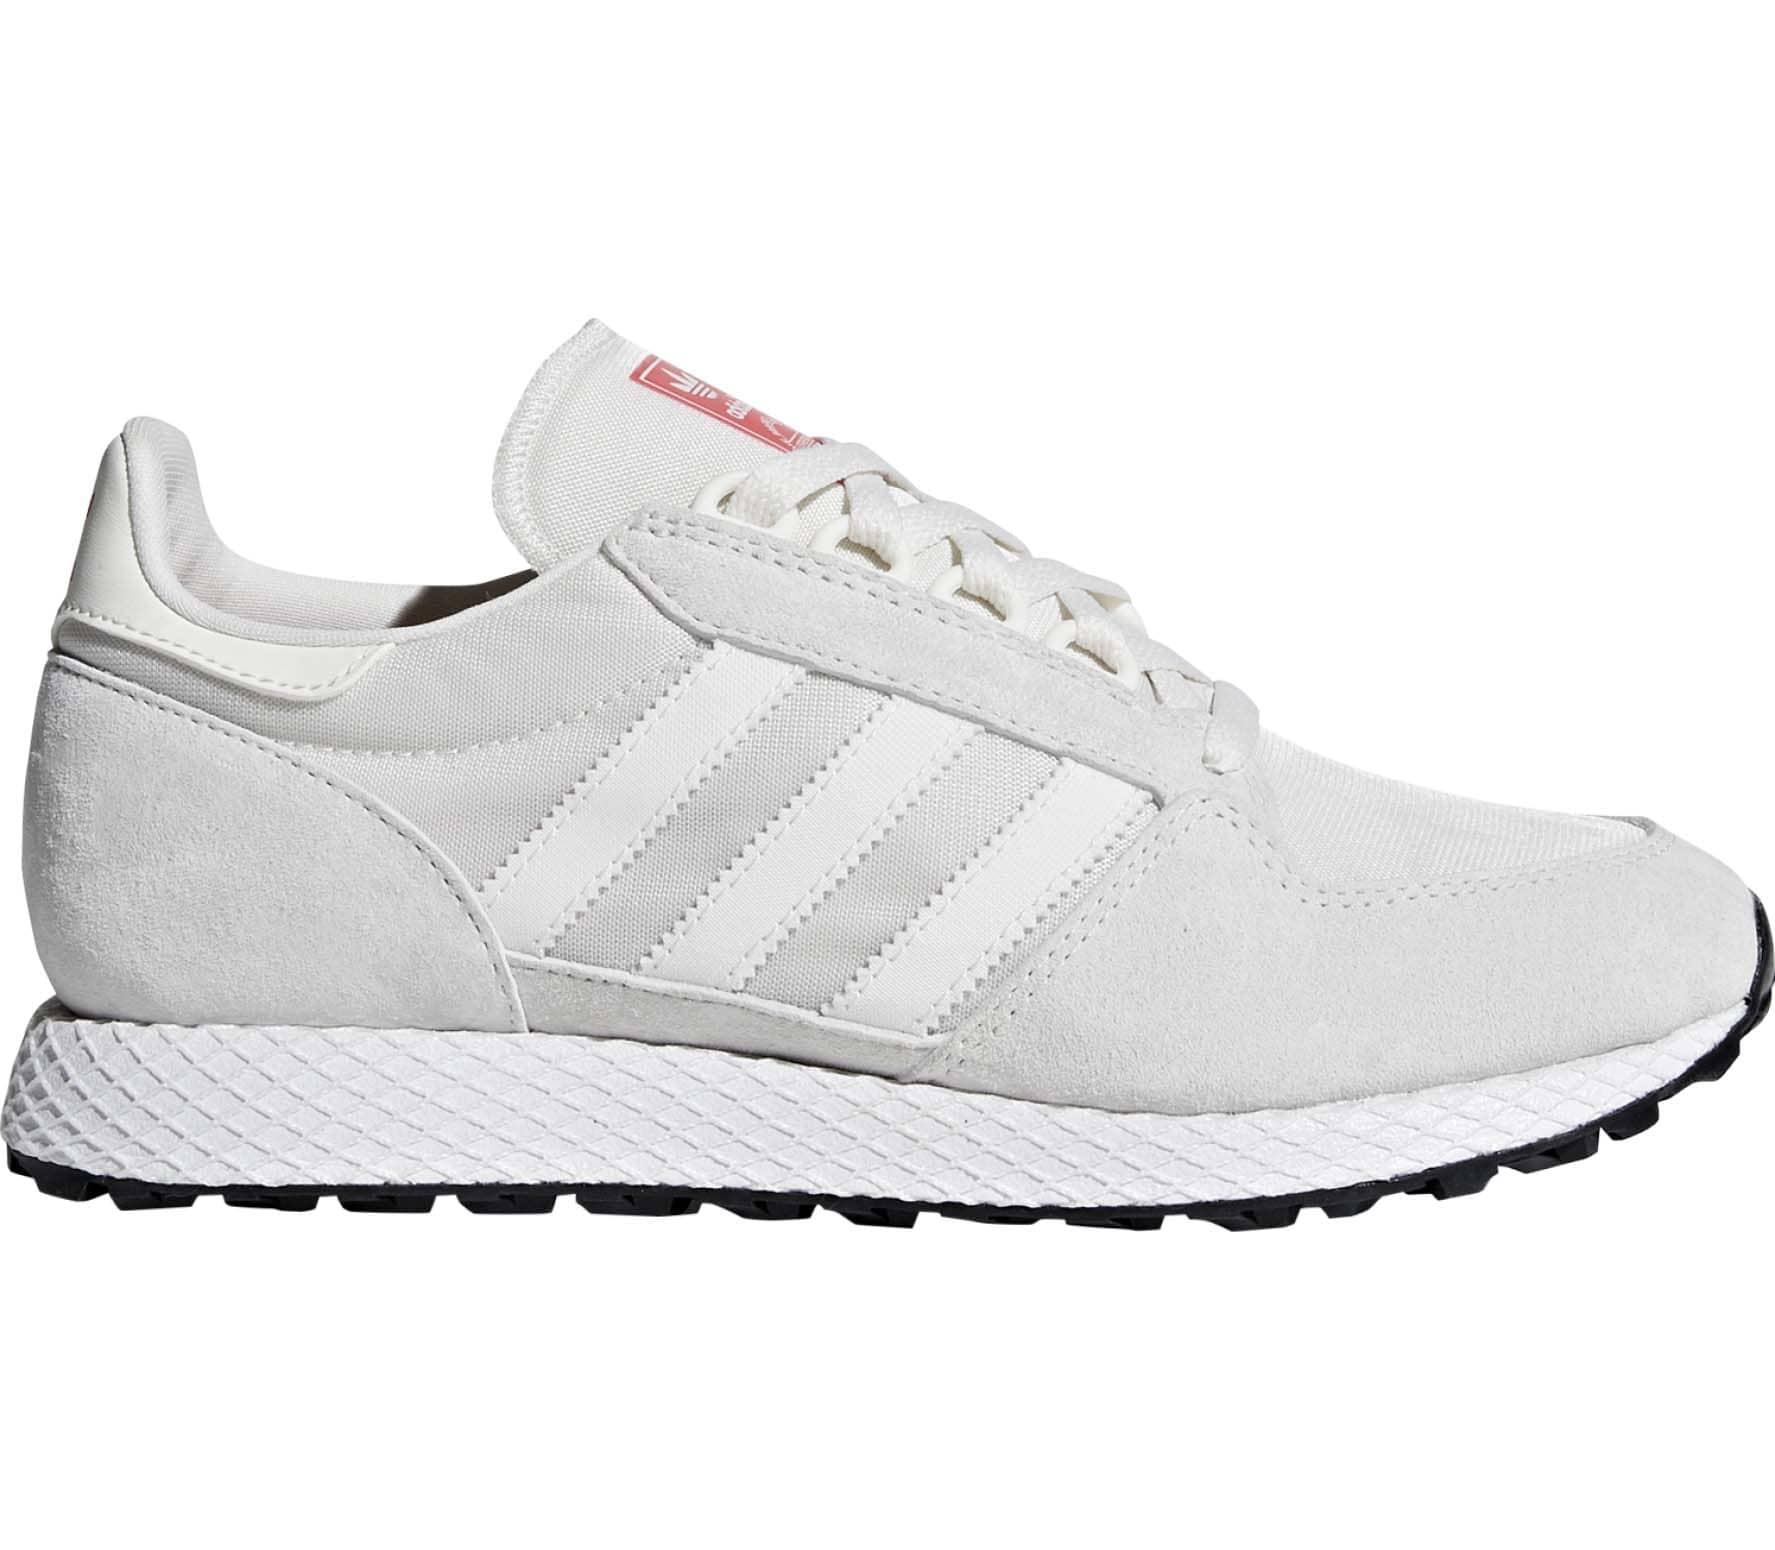 adidas Originals - Forest Grove Dam gymnastiksko (vit) - EU 38 - UK 5